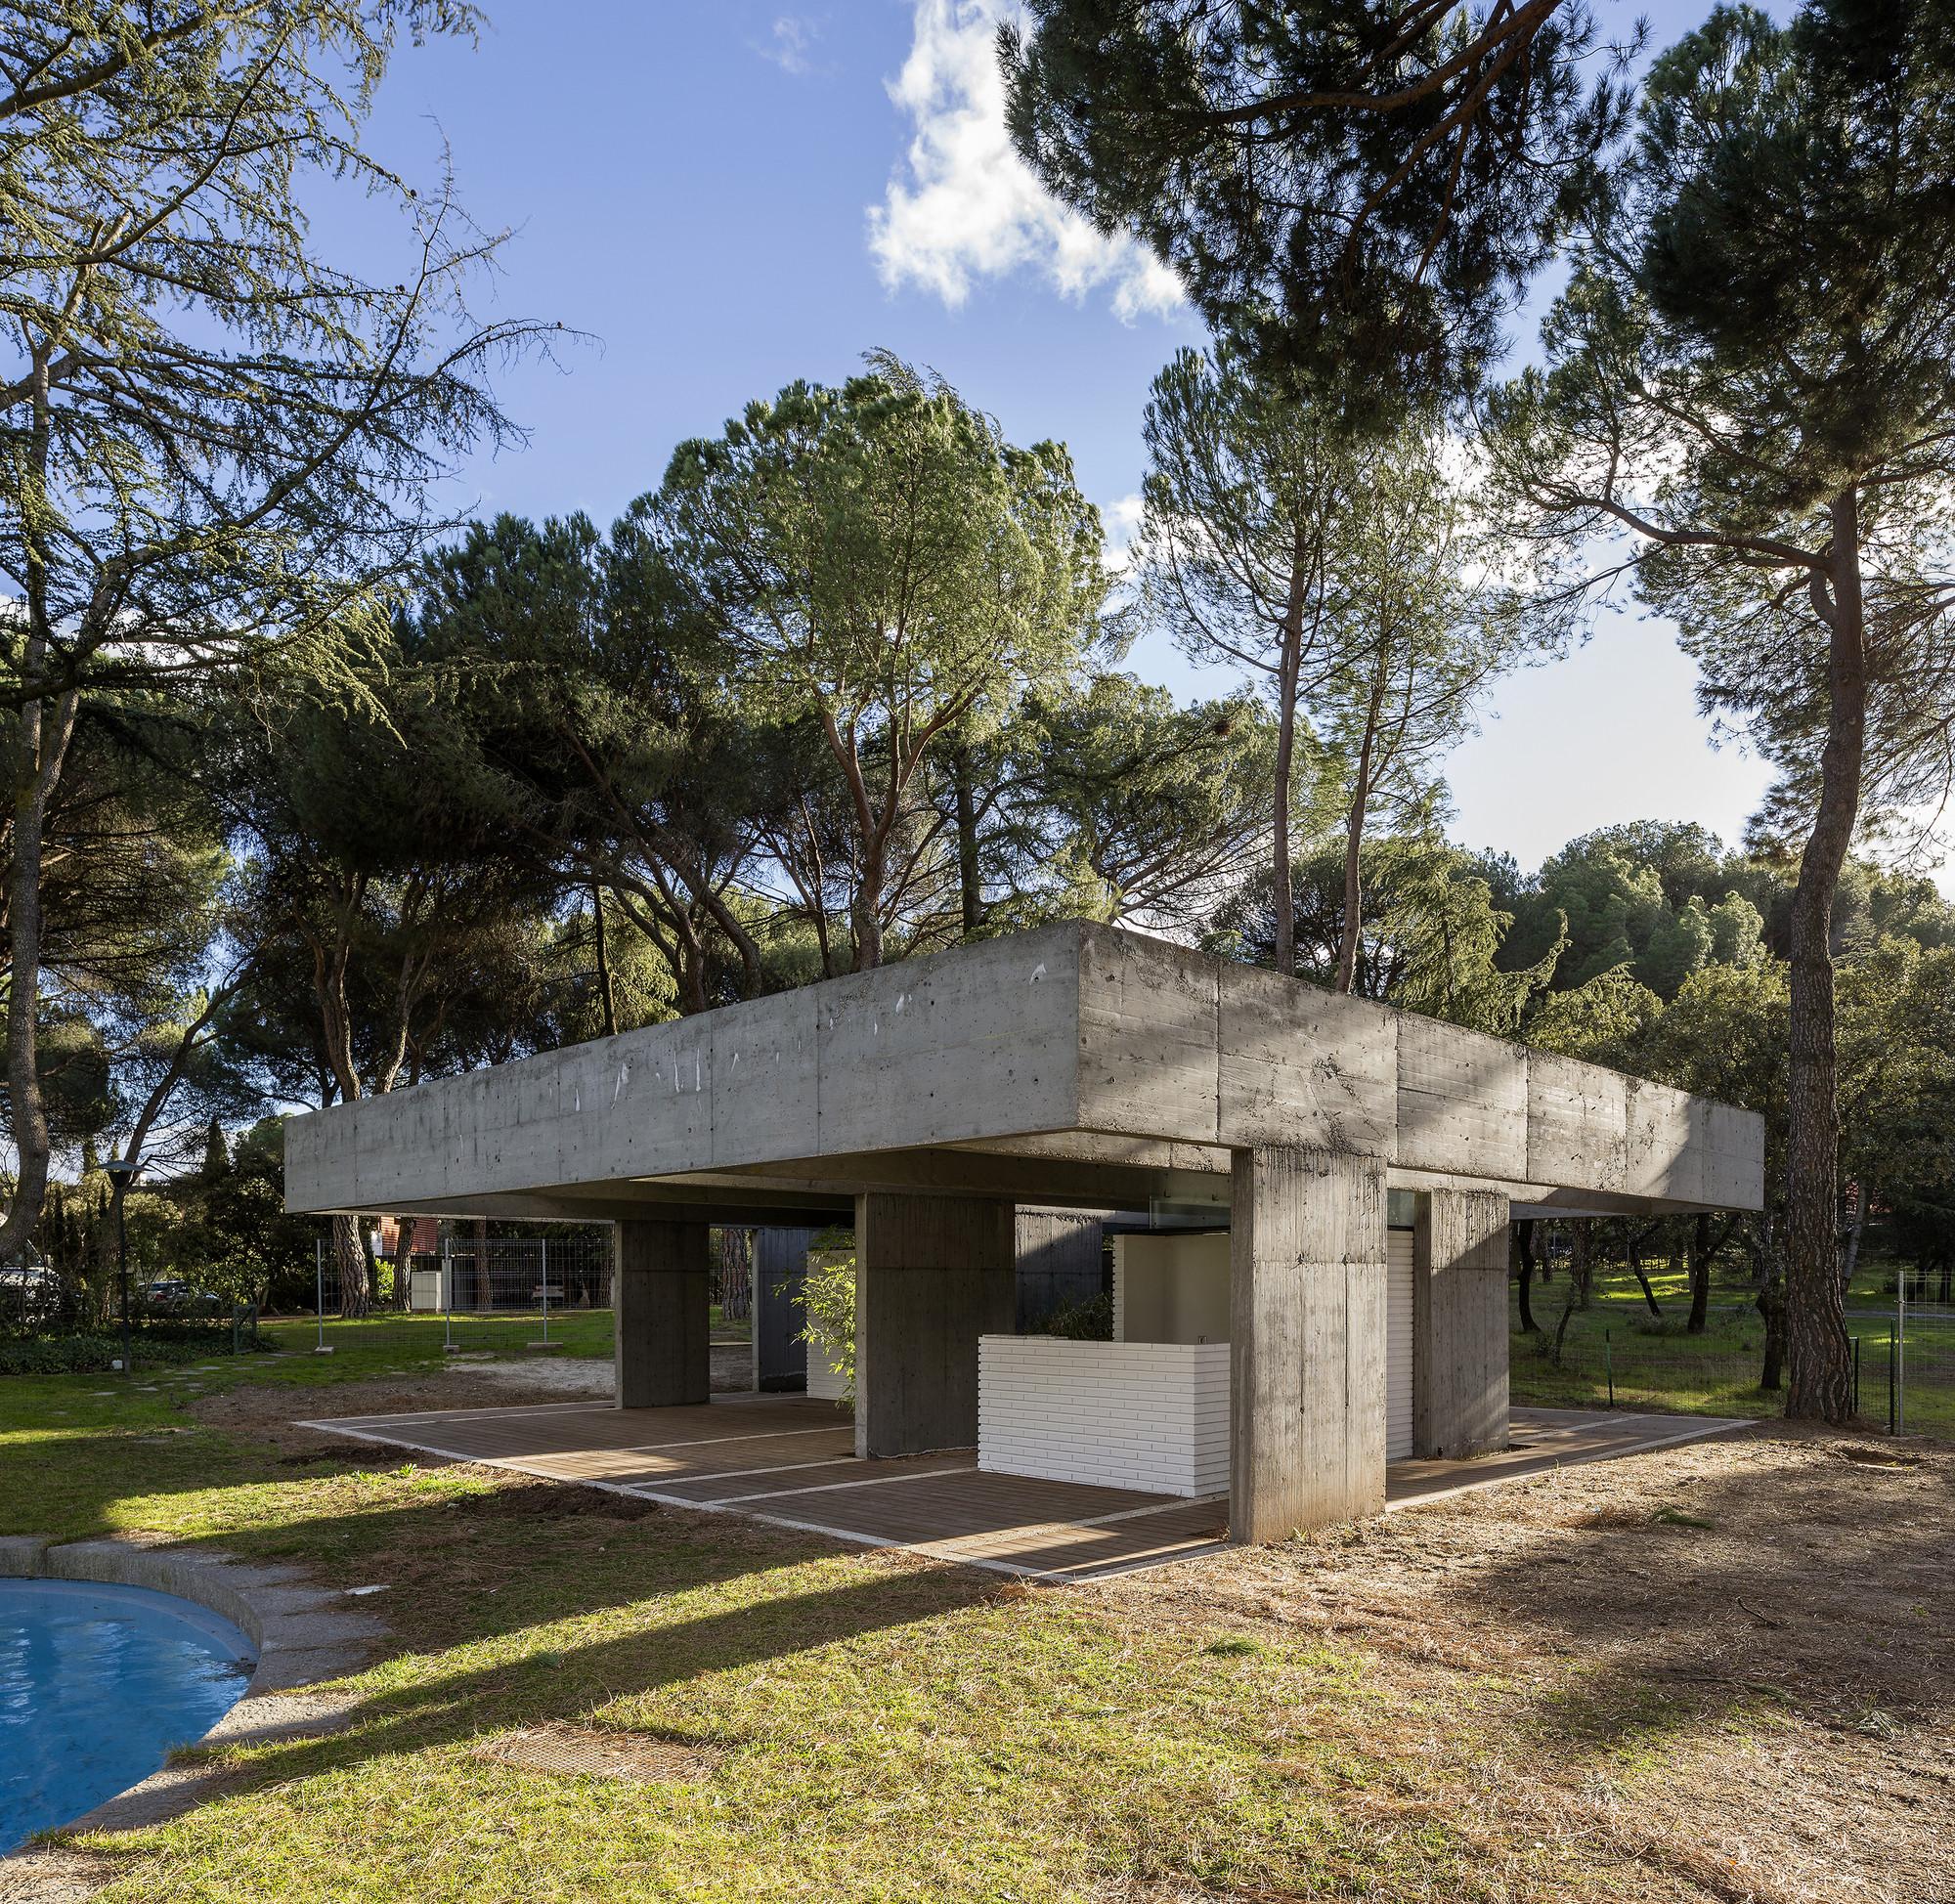 San Lucas Pavilion / FRPO Rodriguez & Oriol ARCHITECTURE LANDSCAPE, © Miguel de Guzmán